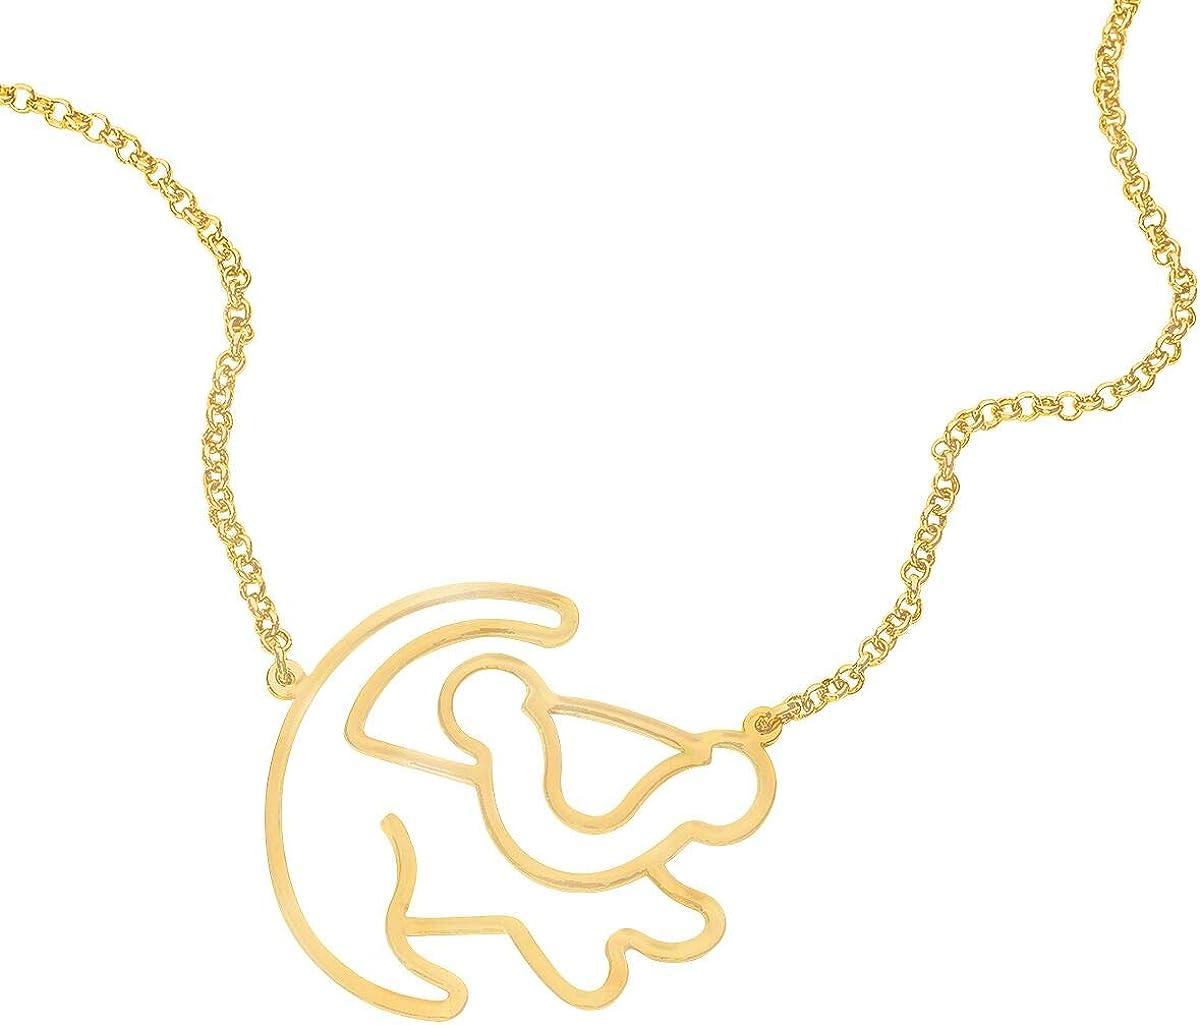 Simba Collier Couleur Or Der K/önig der L/öwen Le Roi Lion Disney by Couture Kingdom